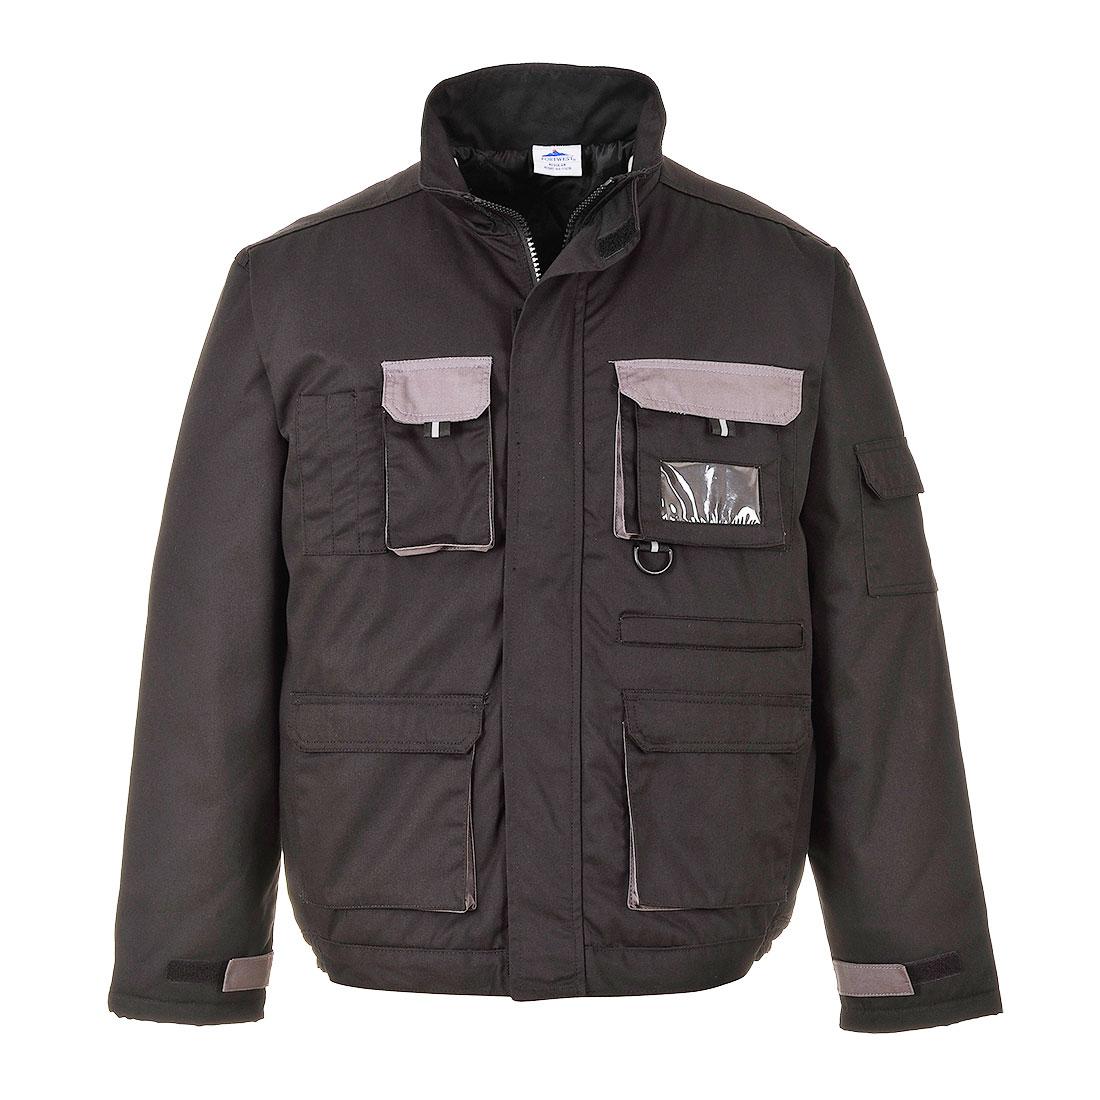 Contrast Lined Jacket Black LR